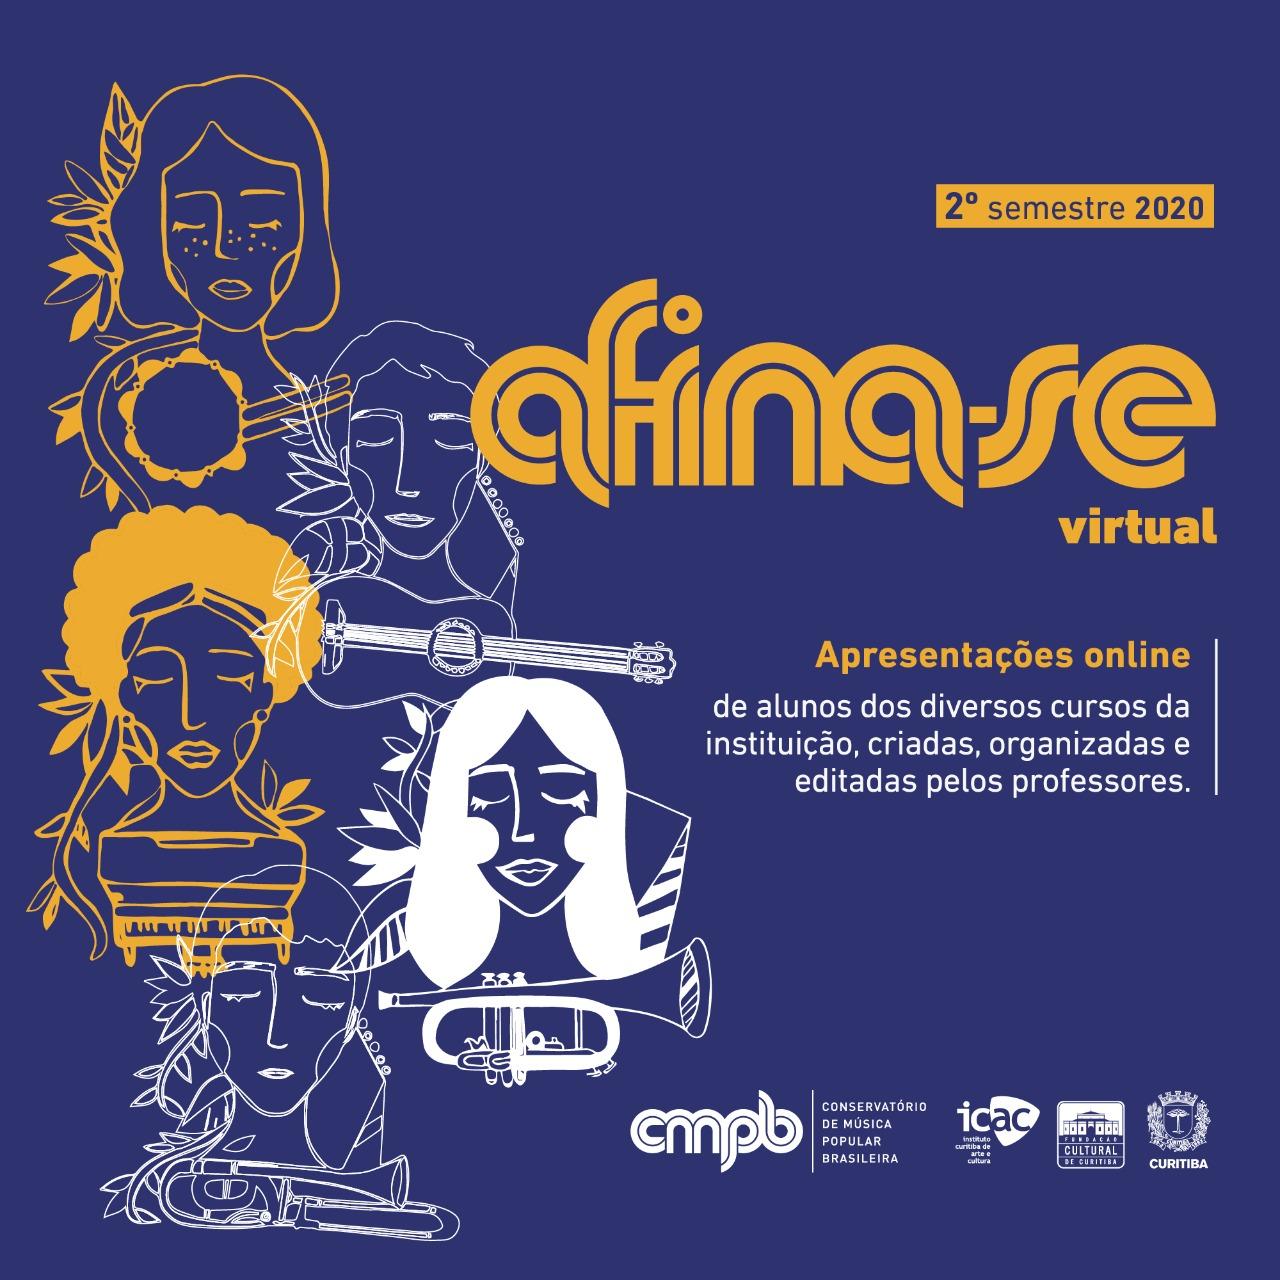 CONHEÇA O NOSSO FACEBOOK OFICIAL E CONFIRA AS NOSSAS APRESENTAÇÕES DE ALUNOS - 2º sem 2020!